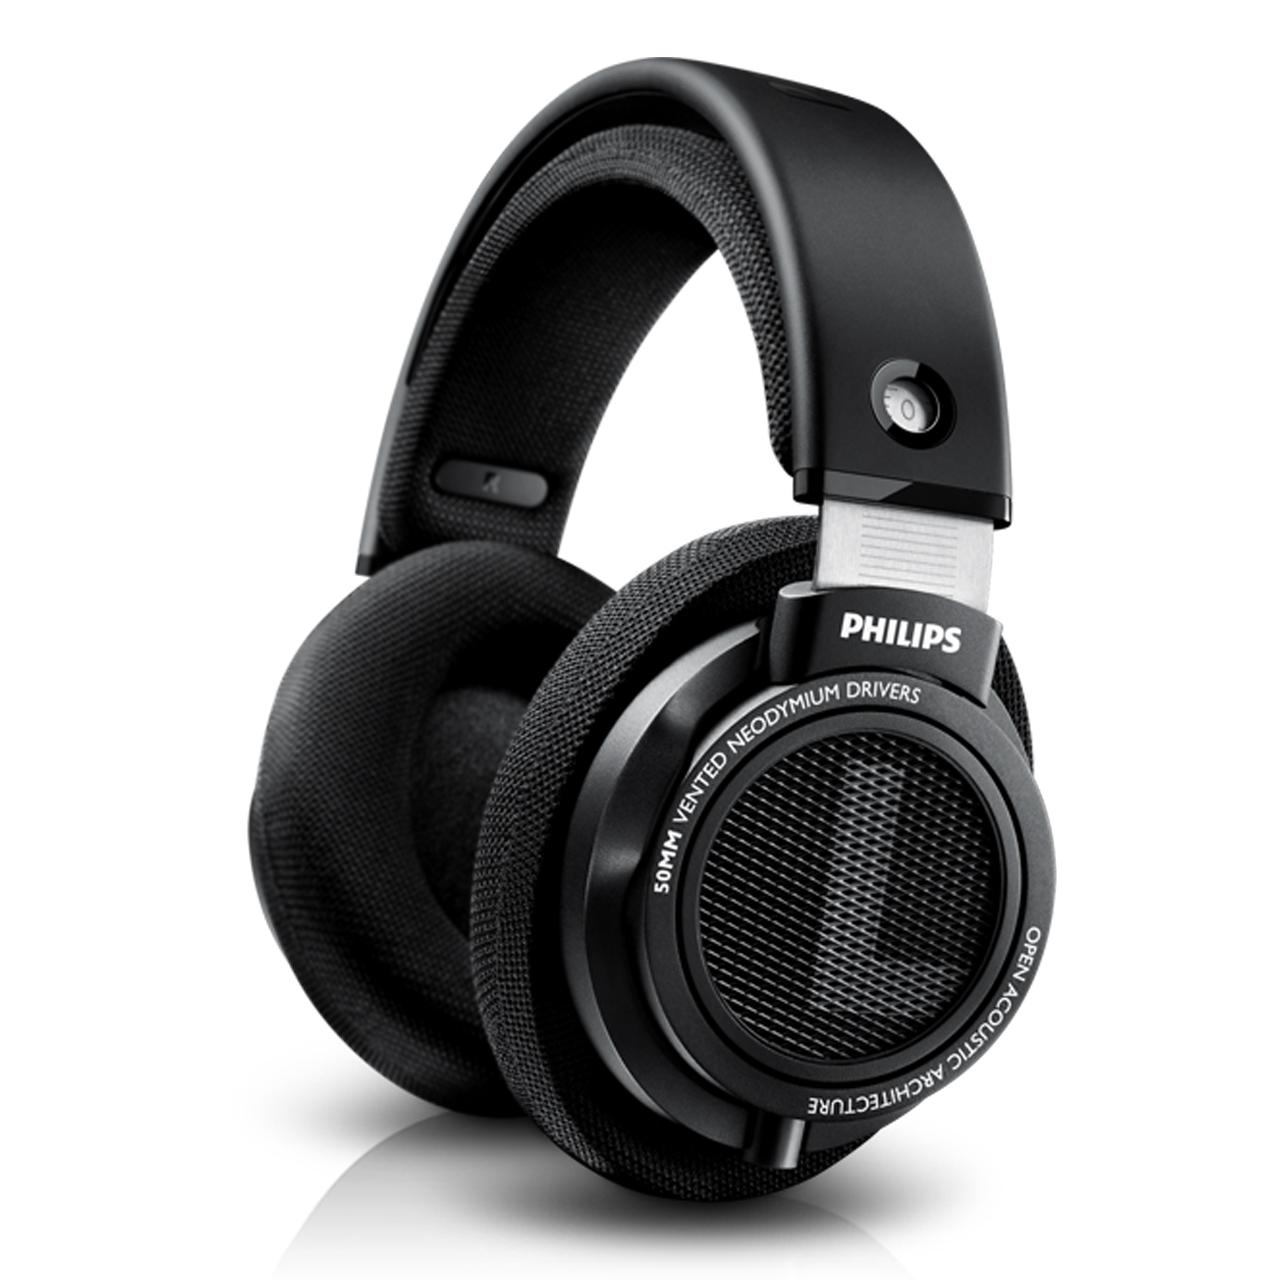 飞利浦 SHP9500发烧HIFI头戴式耳机耳麦监听安卓苹果iphone手机